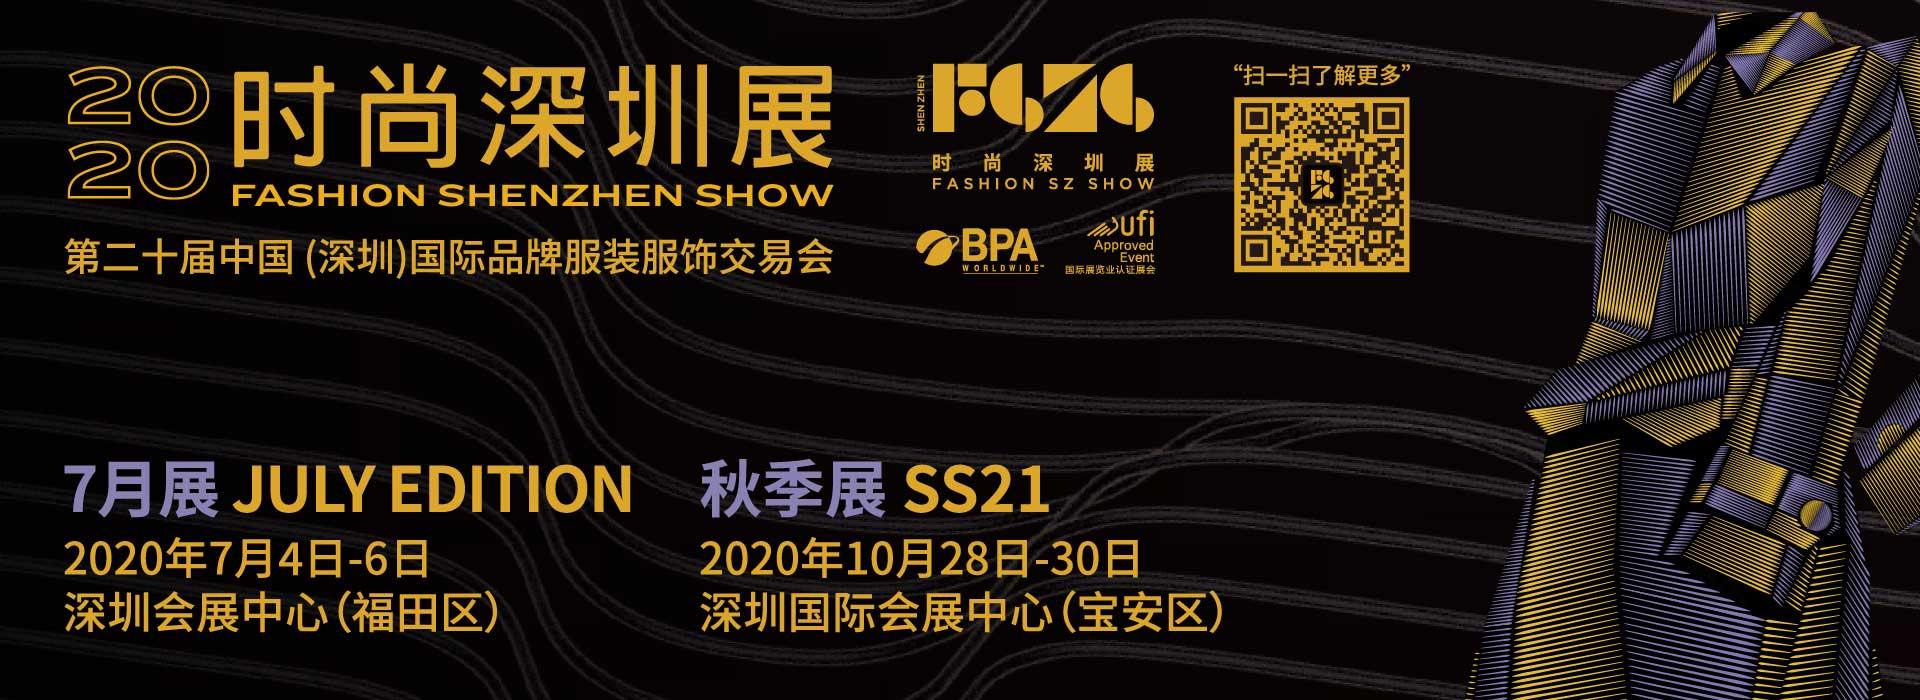 2020时尚深圳展暨葡京开户网站(深圳)国际品牌服装服饰交易会